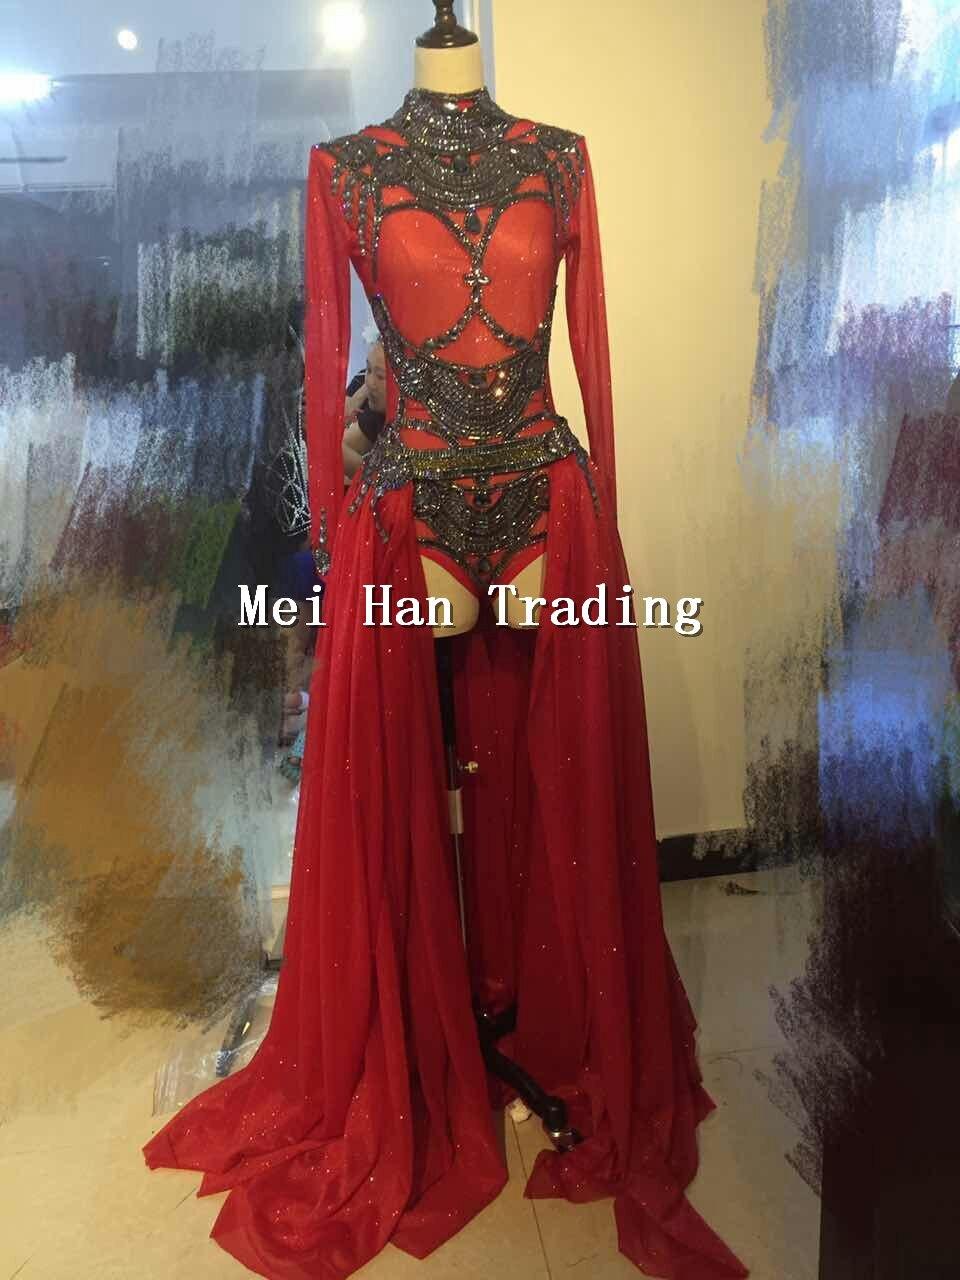 الأحمر هالوين الزي ارتداءها طويلة تنورة الملابس مجموعة الإناث المغني حزب تظهر مشرقة ارتداء المرحلة حجر الراين زي-في أفرول من ملابس نسائية على  مجموعة 1